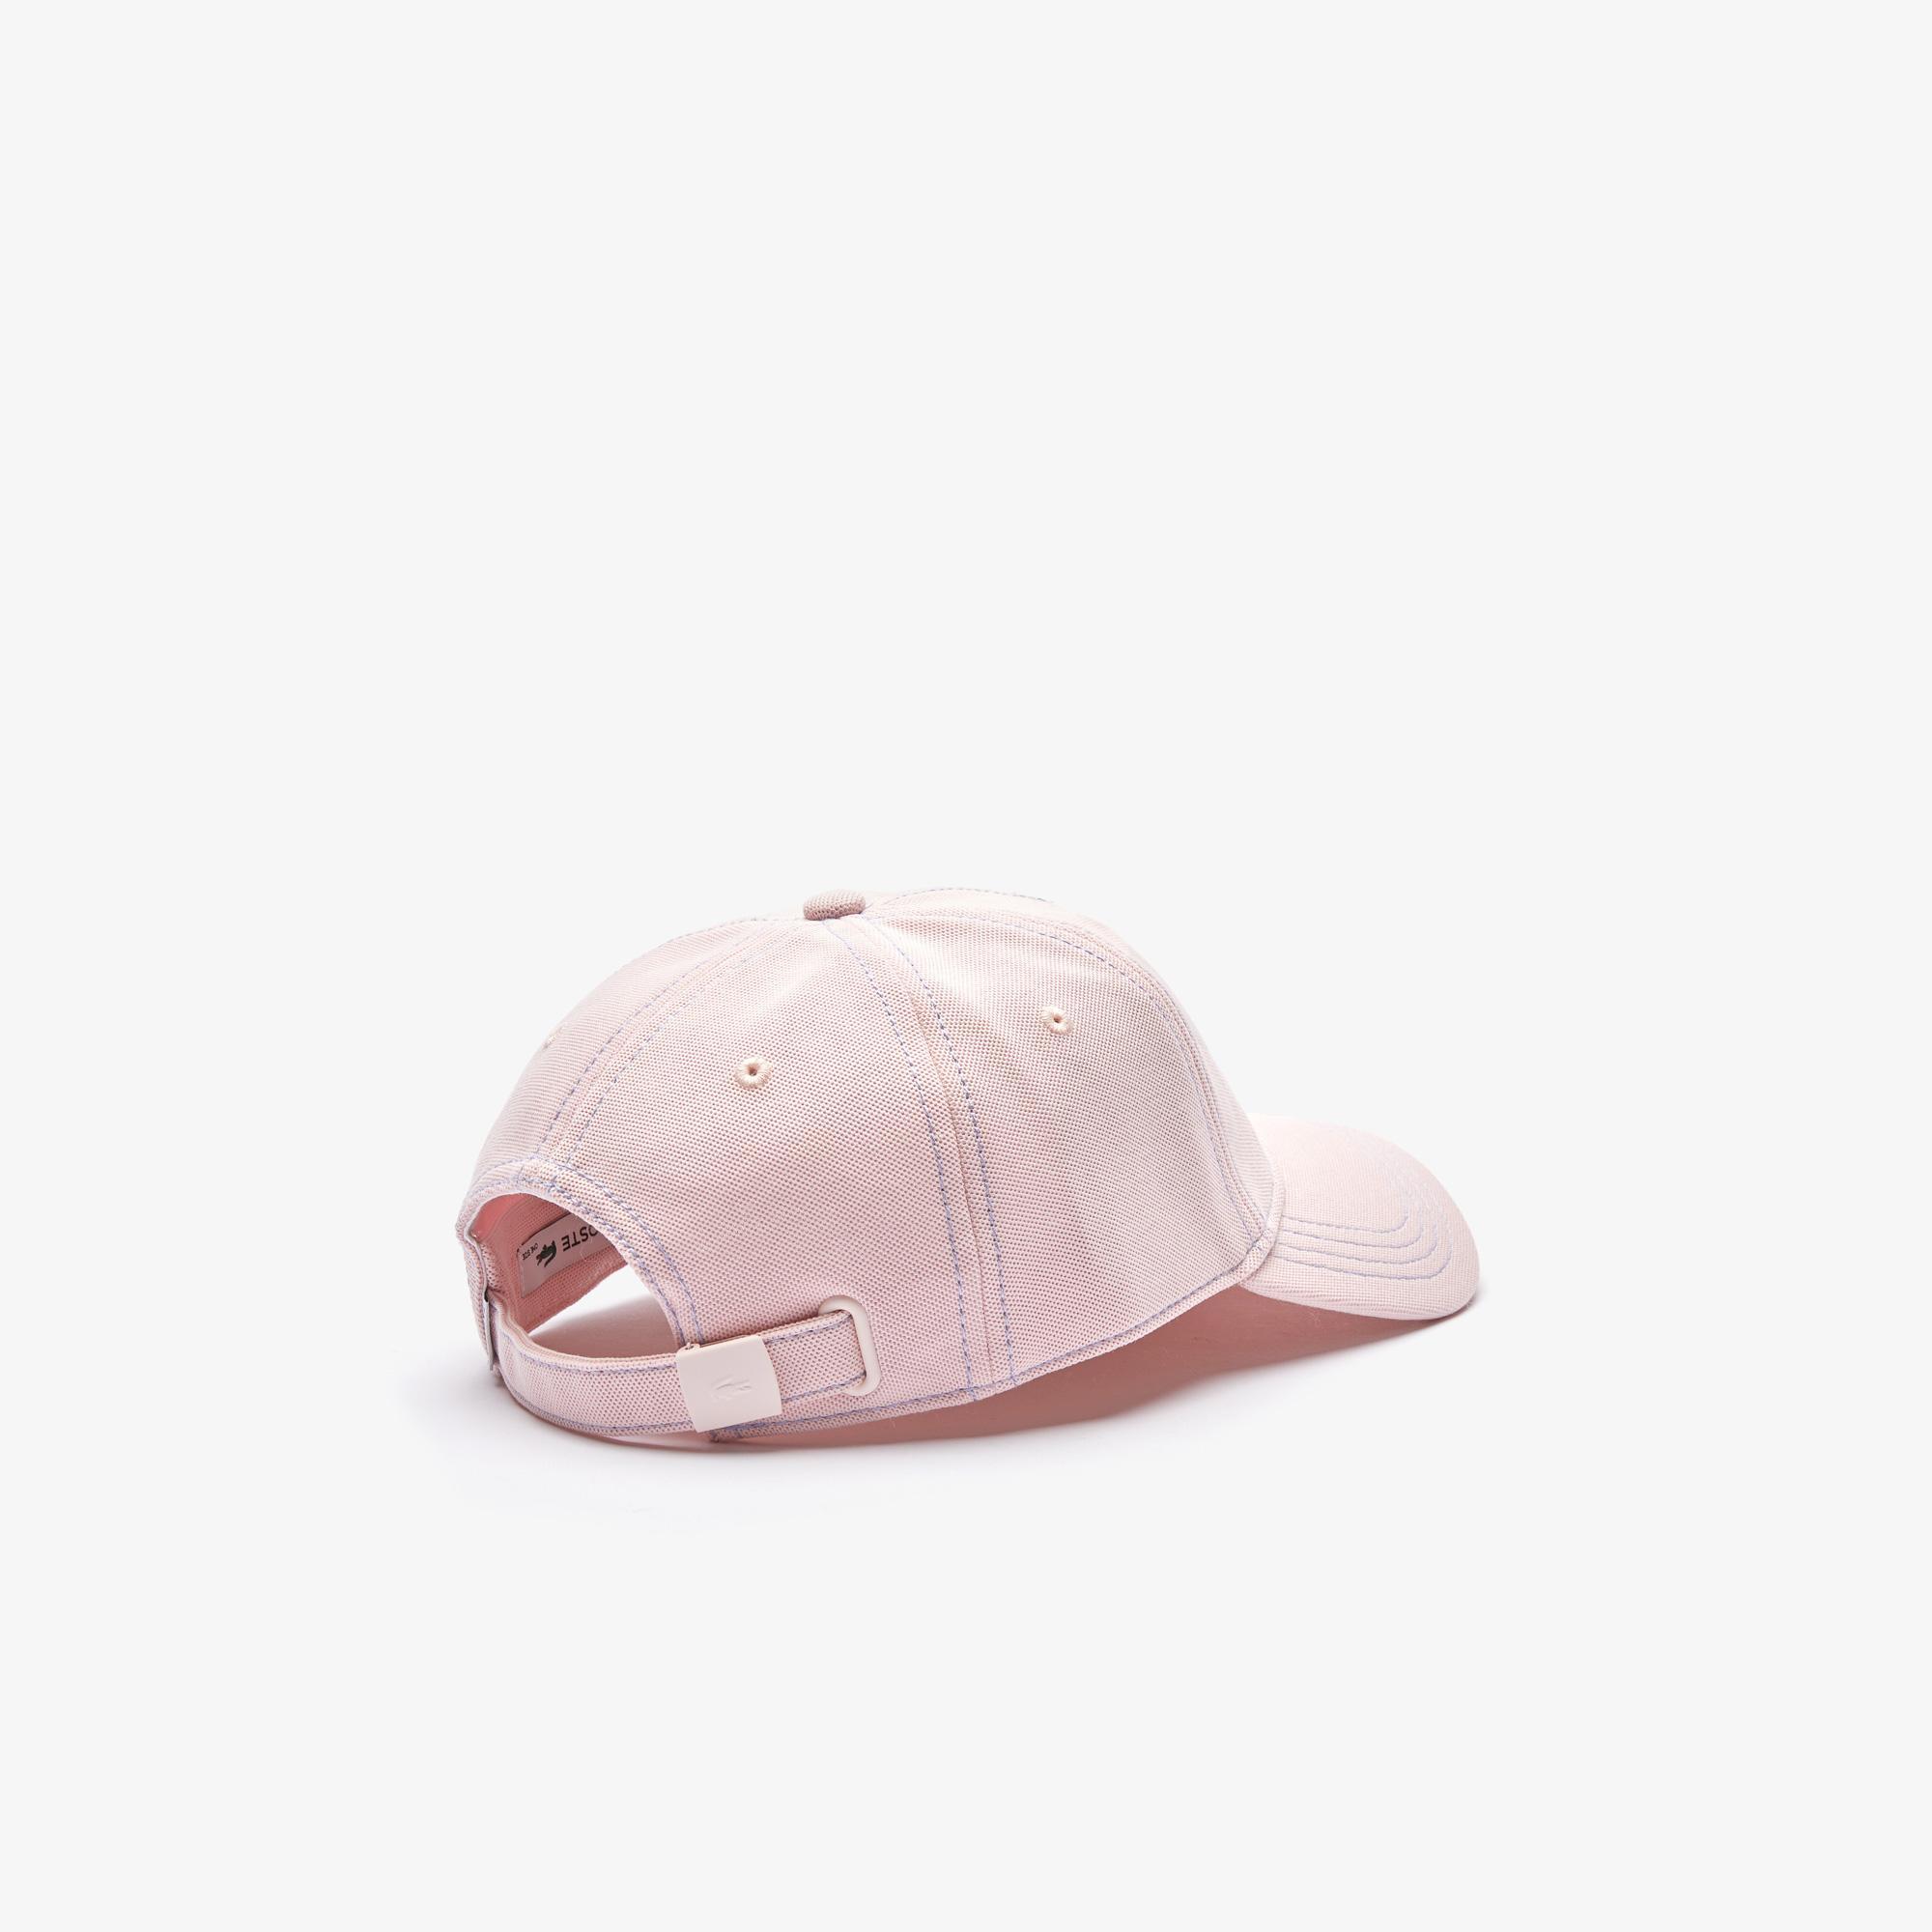 Lacoste Erkek Nakışlı Açık Pembe Şapka